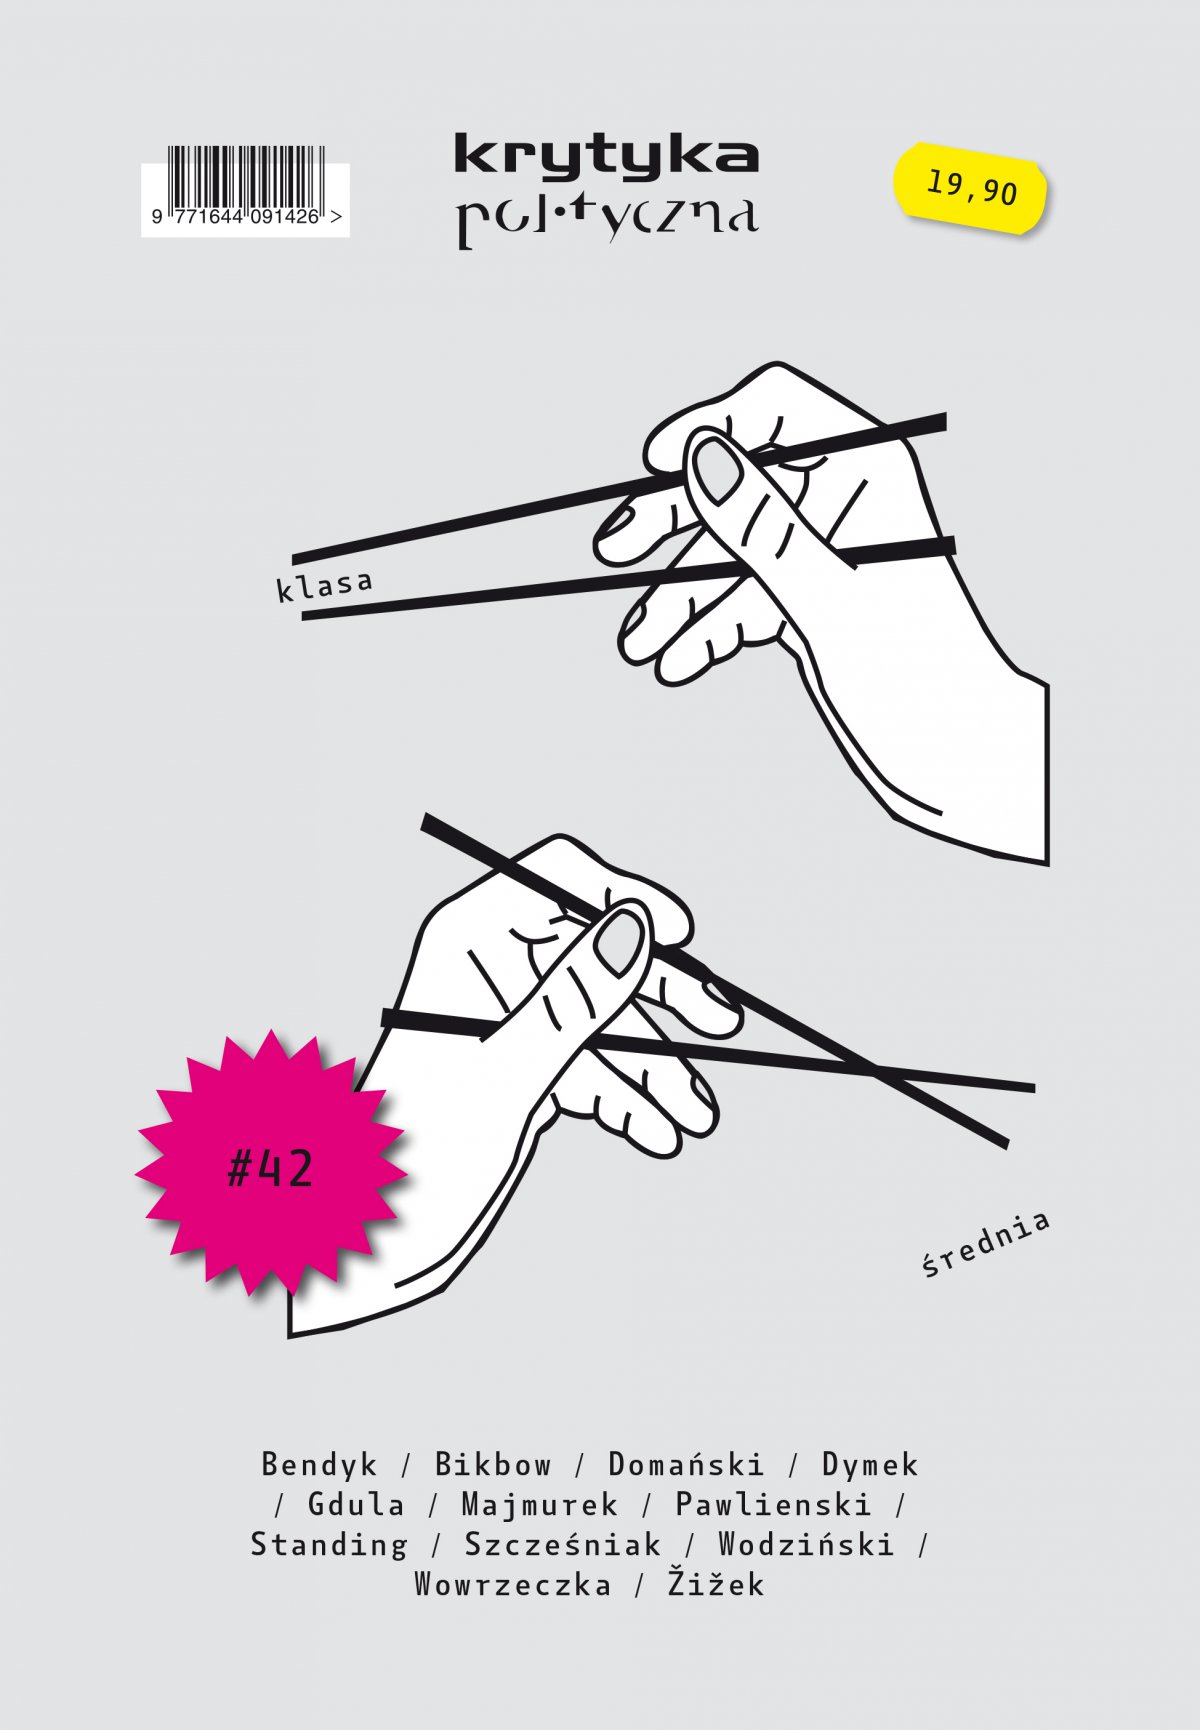 Krytyka Polityczna nr 42: Klasa średnia - ktokolwiek widział, ktokolwiek wie? - Ebook (Książka EPUB) do pobrania w formacie EPUB